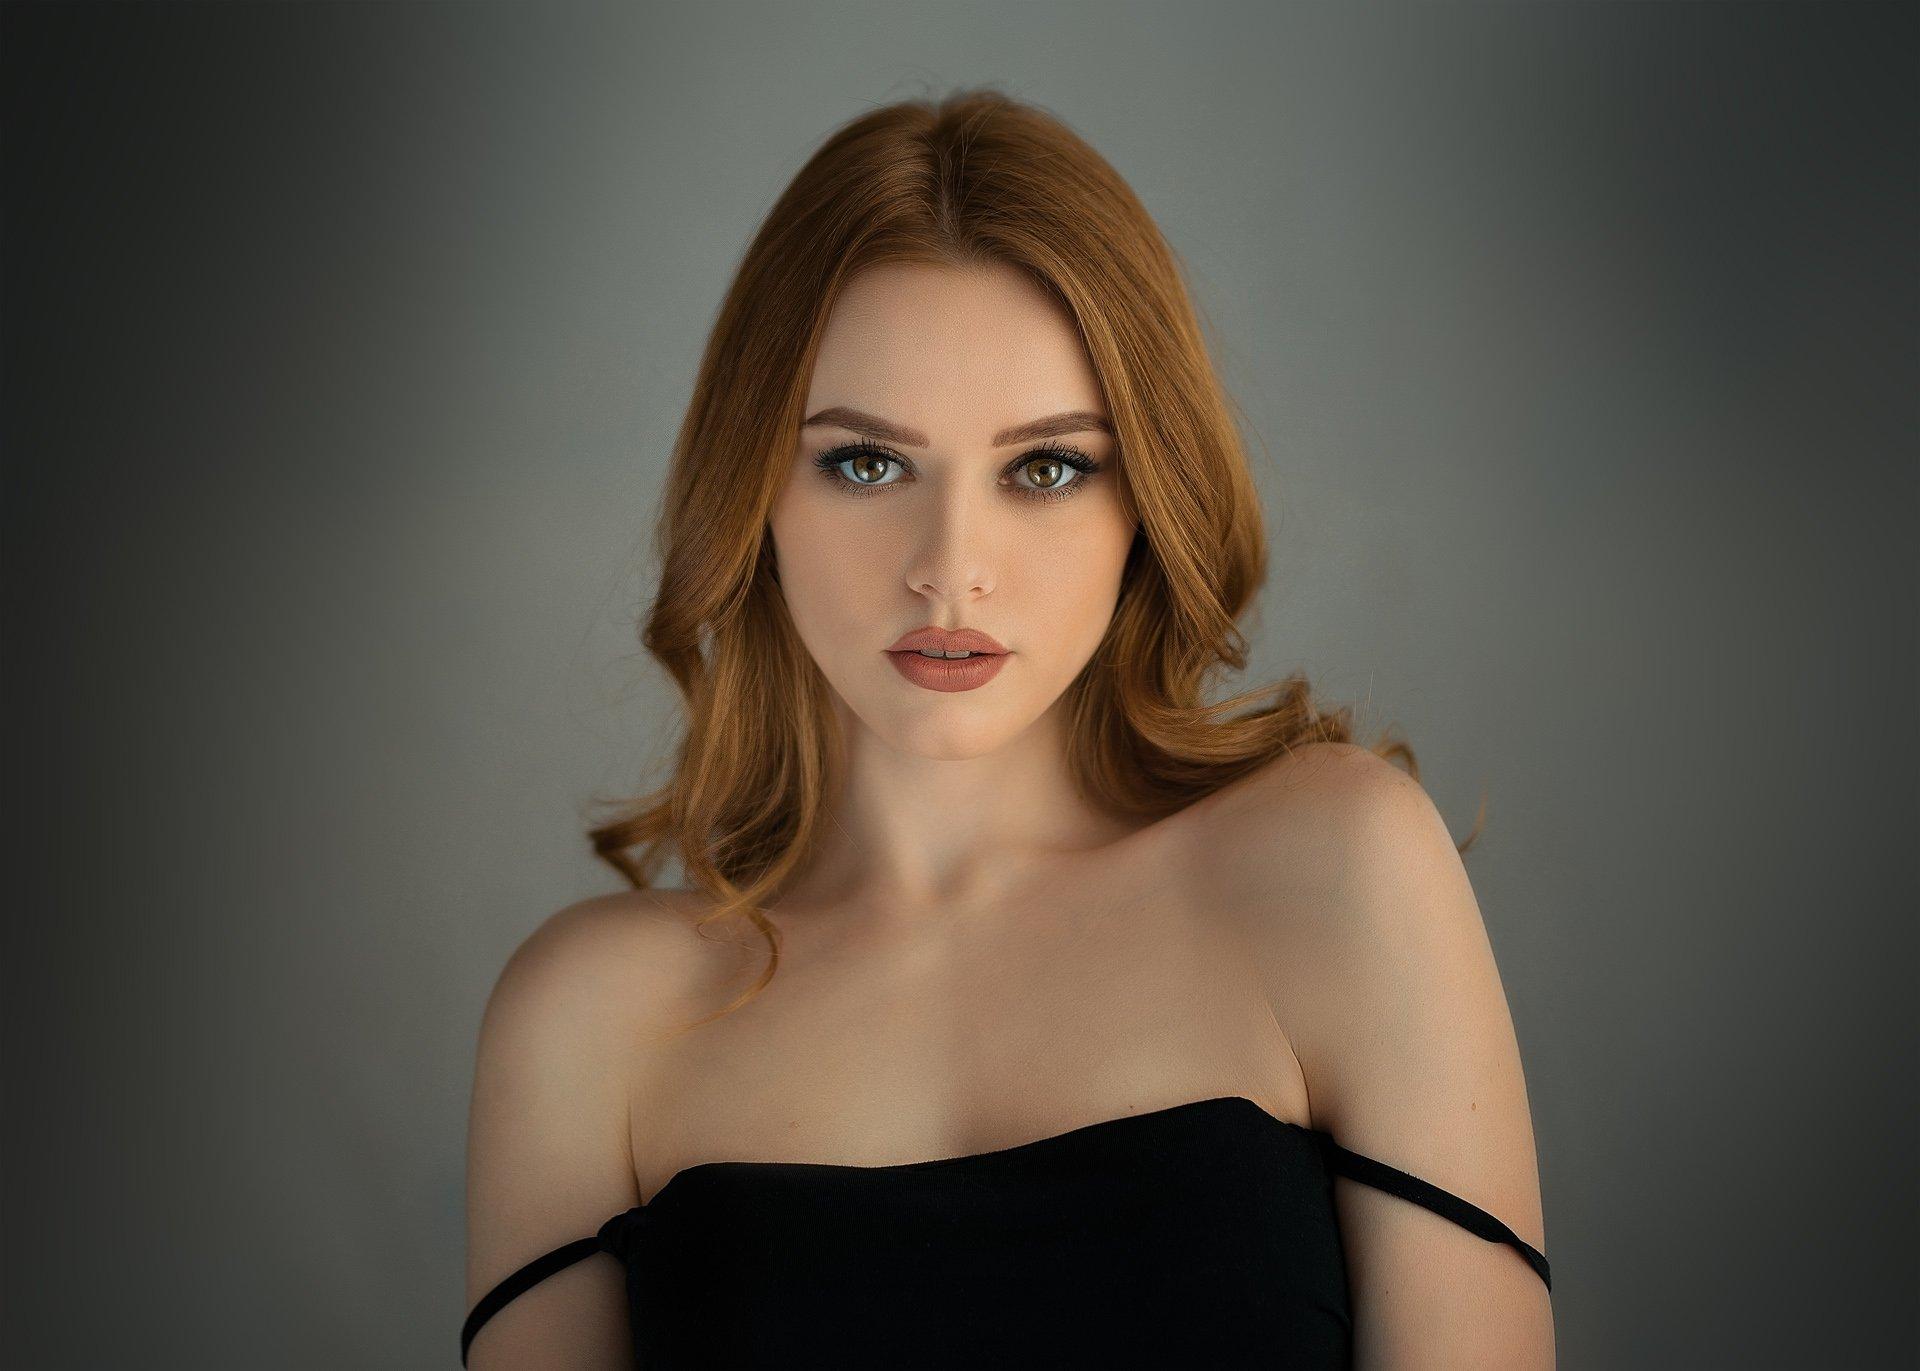 девушка, молодая, красивая, лицо, портрет, взгляд, красота, естественный свет, sigma, блондинка, Евгений Сибиряев